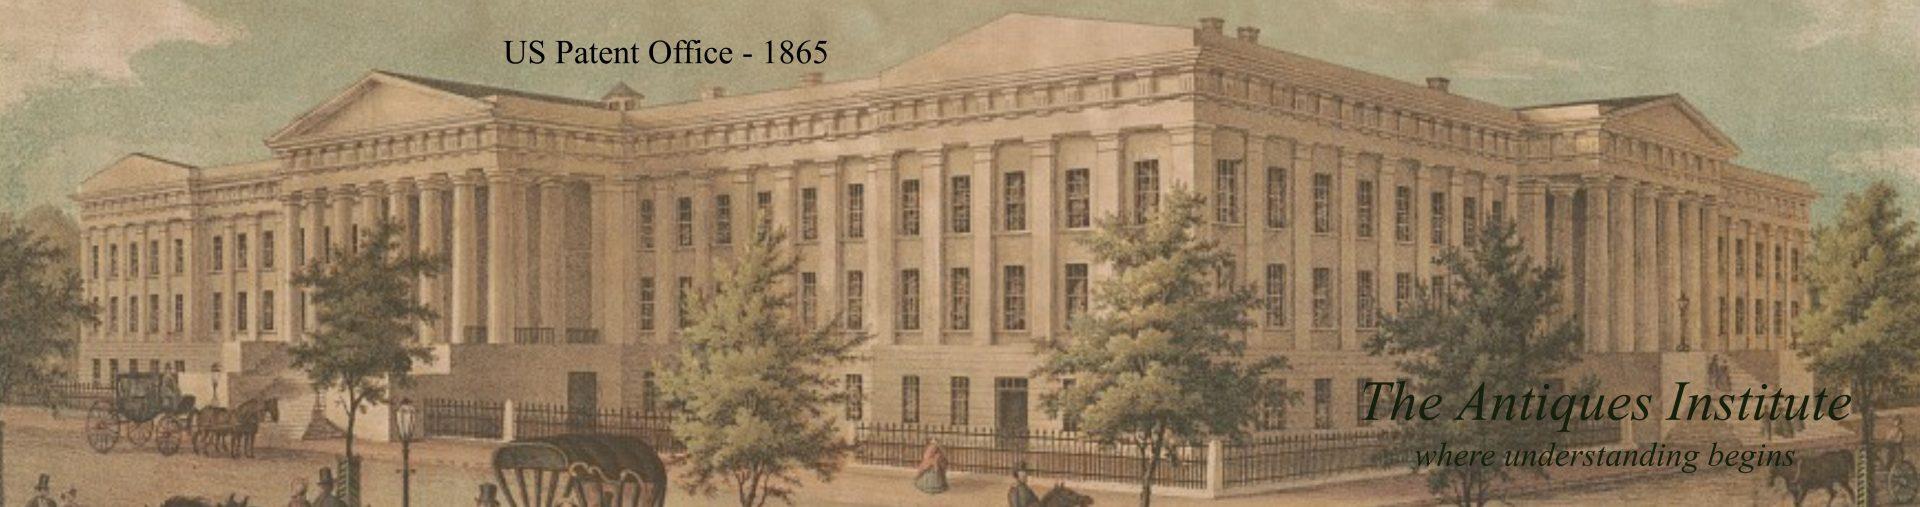 Antiques Institute